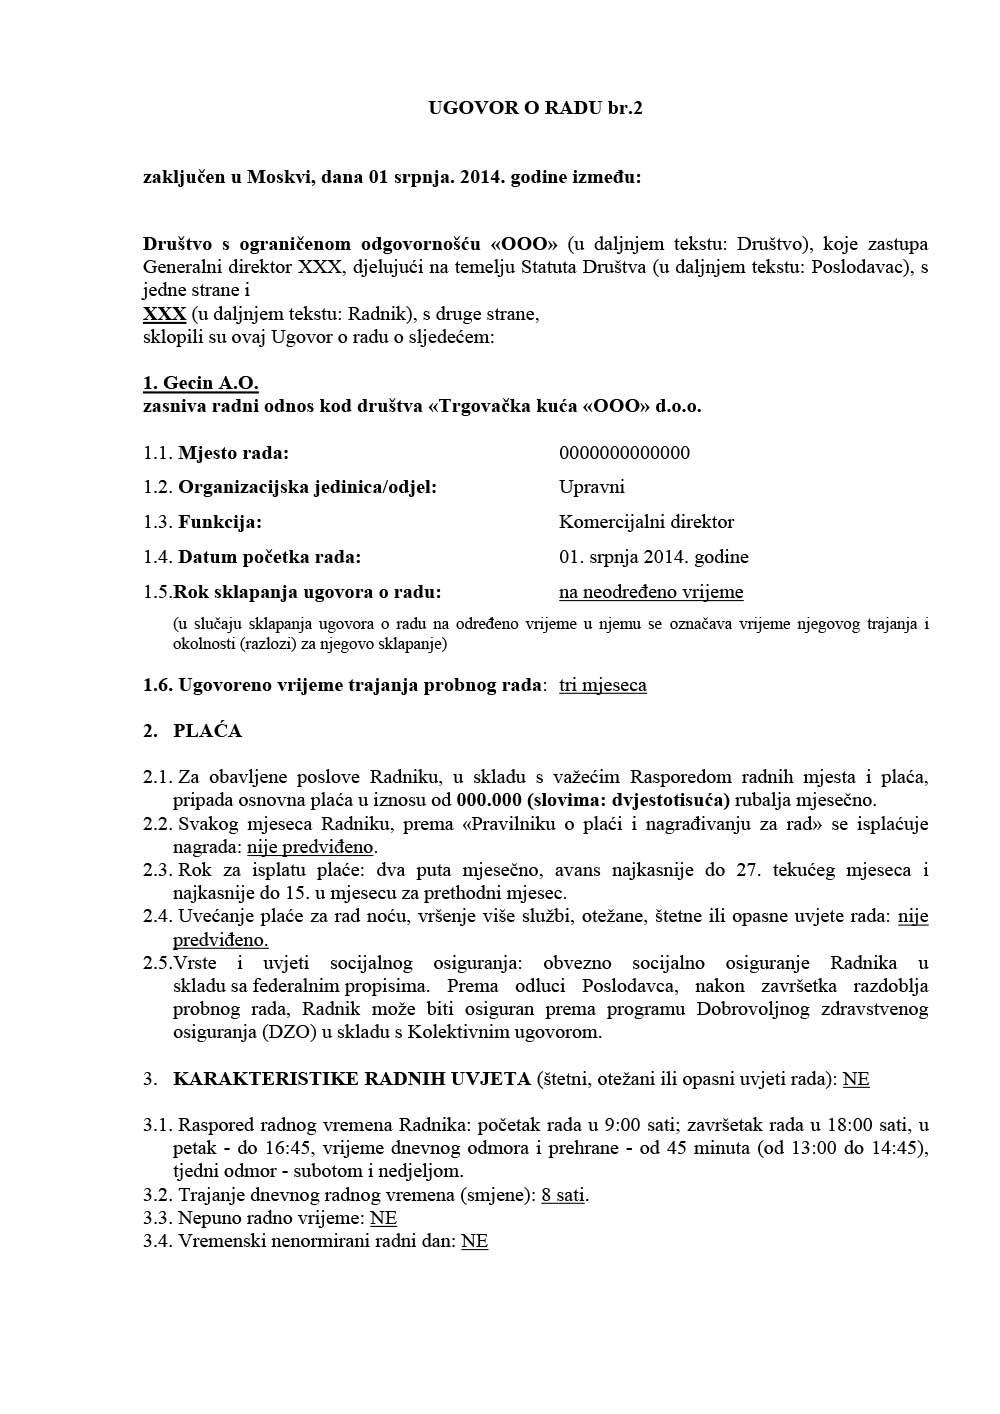 Пример перевода трудового договора на хорватский